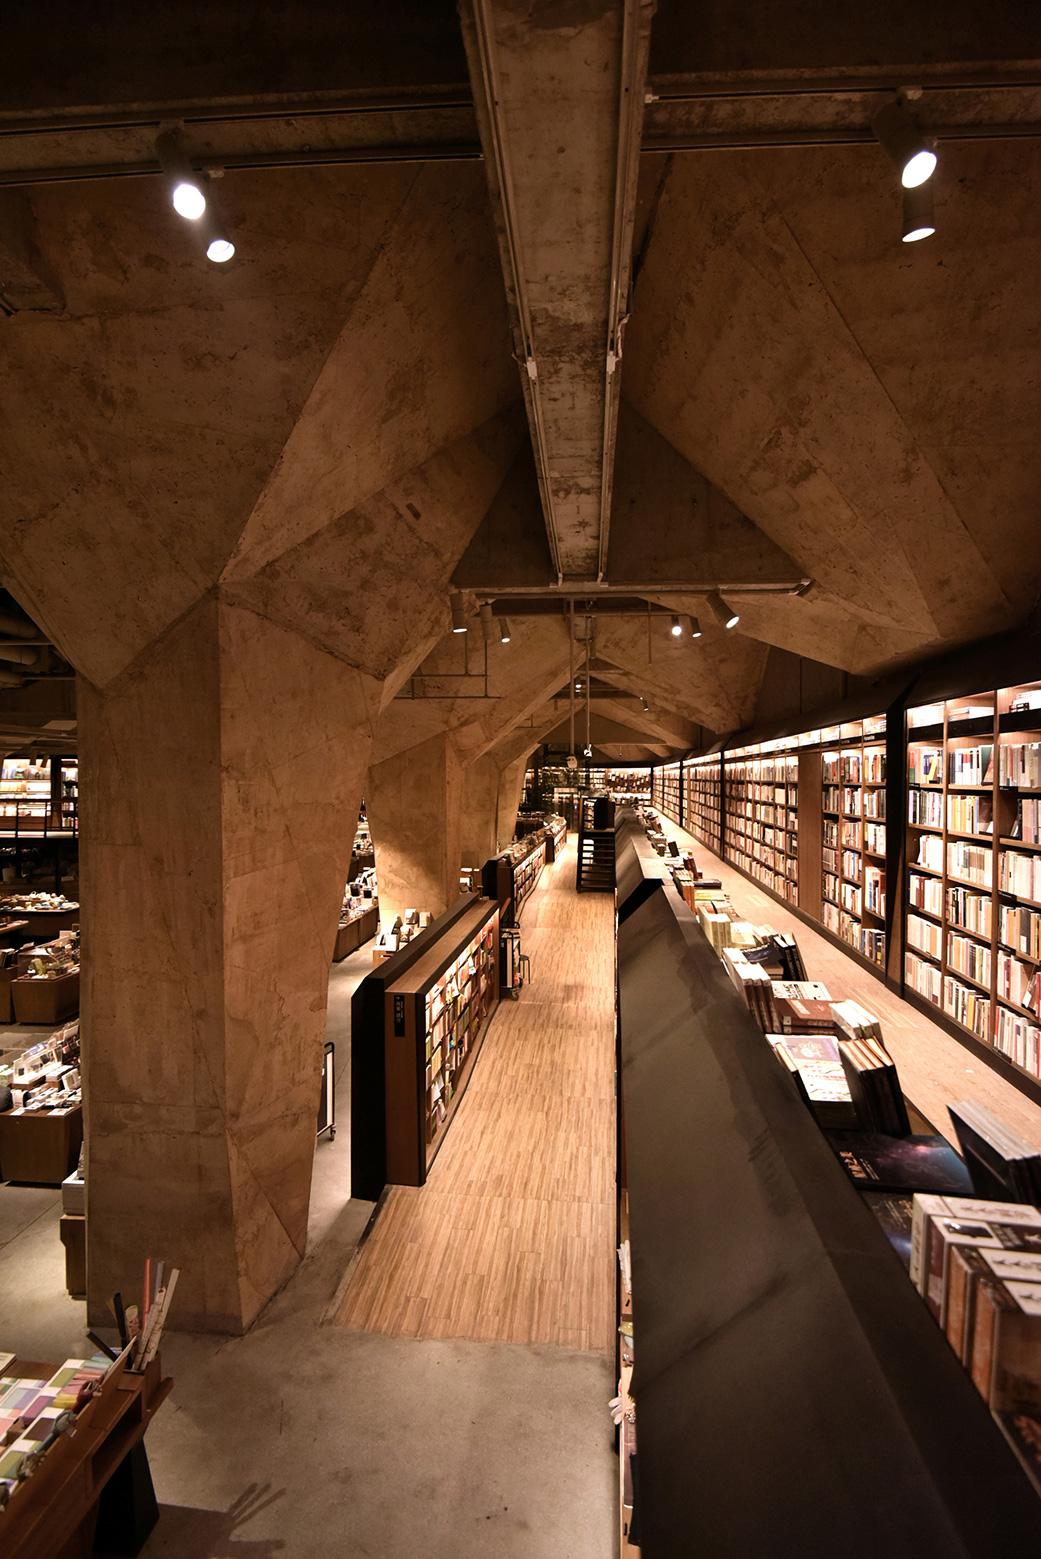 Fangsuo Book Store in Chengdu / Chu Chih-Kang (10)